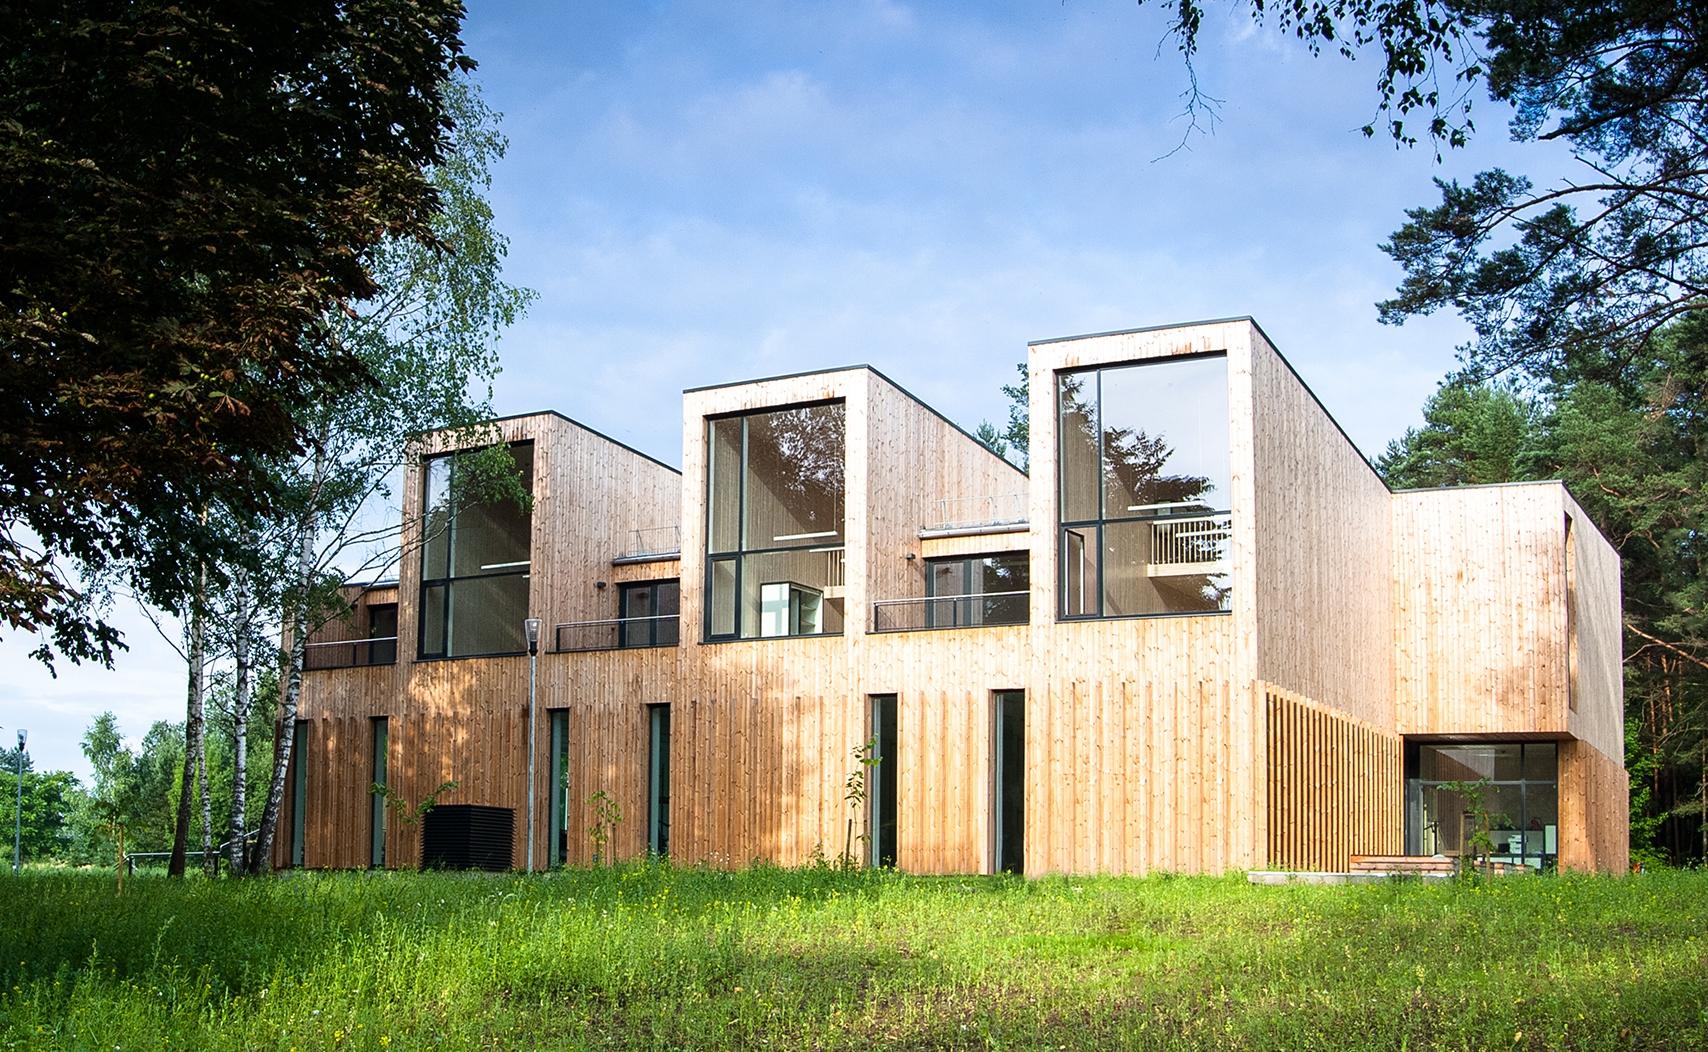 Rupert Residency space in the outskirts of Vilnius (c) Rupert